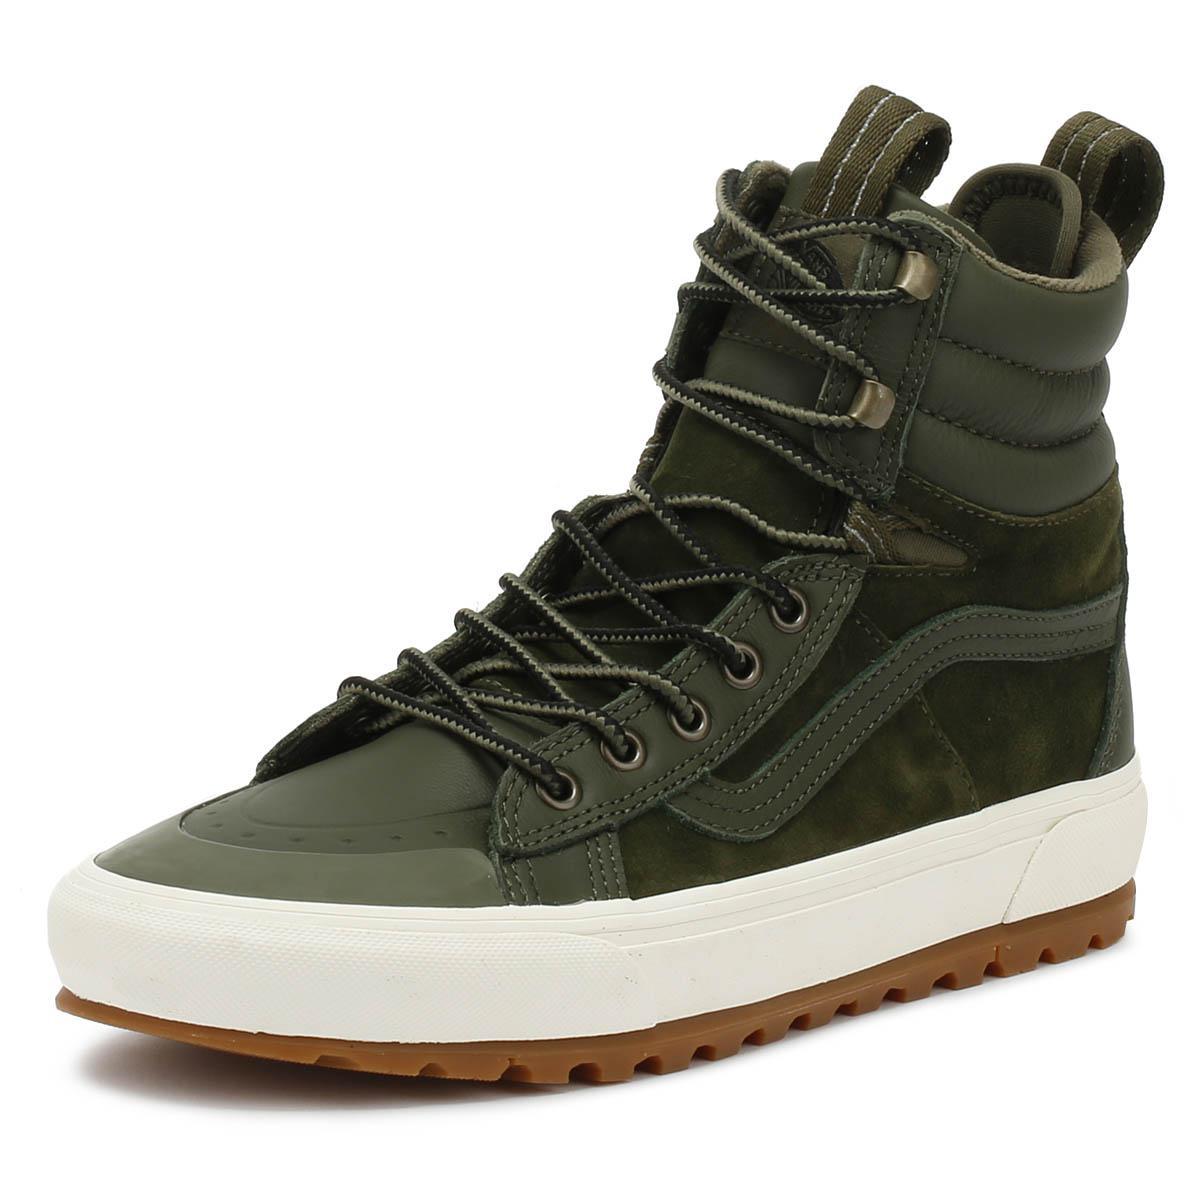 f42a78075fa069 Vans - Sk8-hi Mte Dx Grape Leaf Green Boots for Men - Lyst. View fullscreen